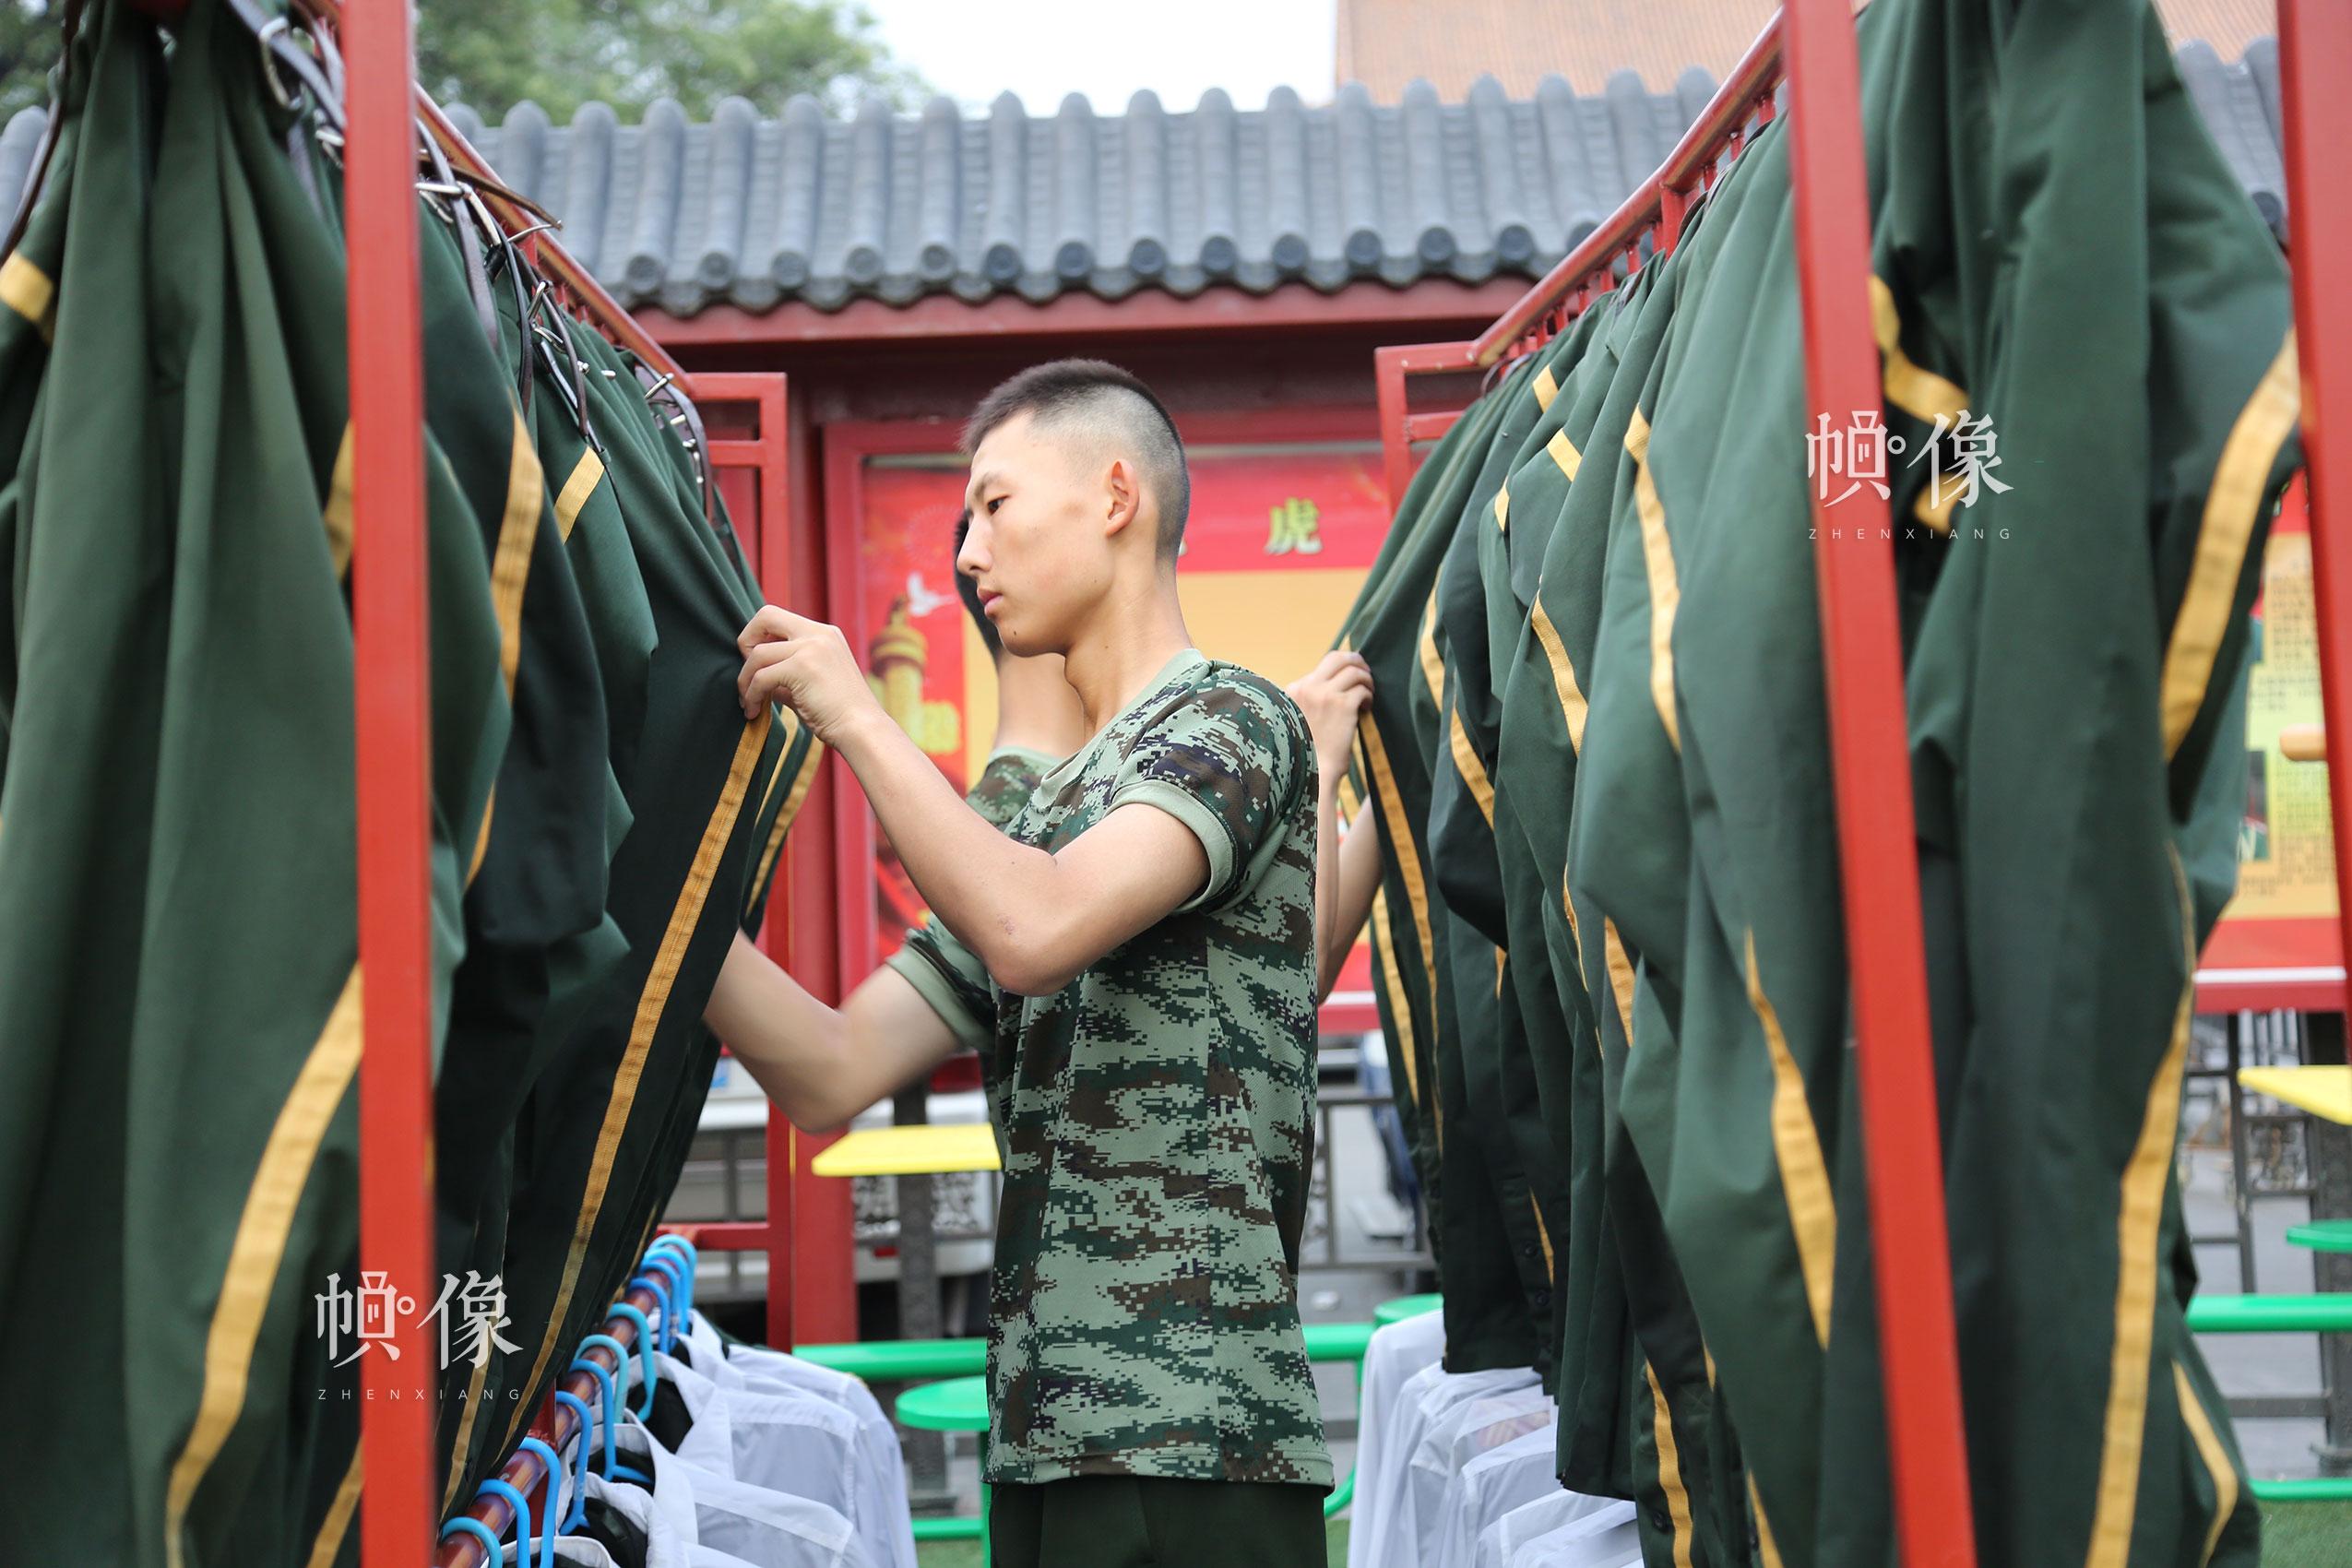 每一次升旗结束,国旗护卫队队员的礼服都浸满了汗水,图为国旗护卫队员整理军装。中国网记者 黄富友 摄